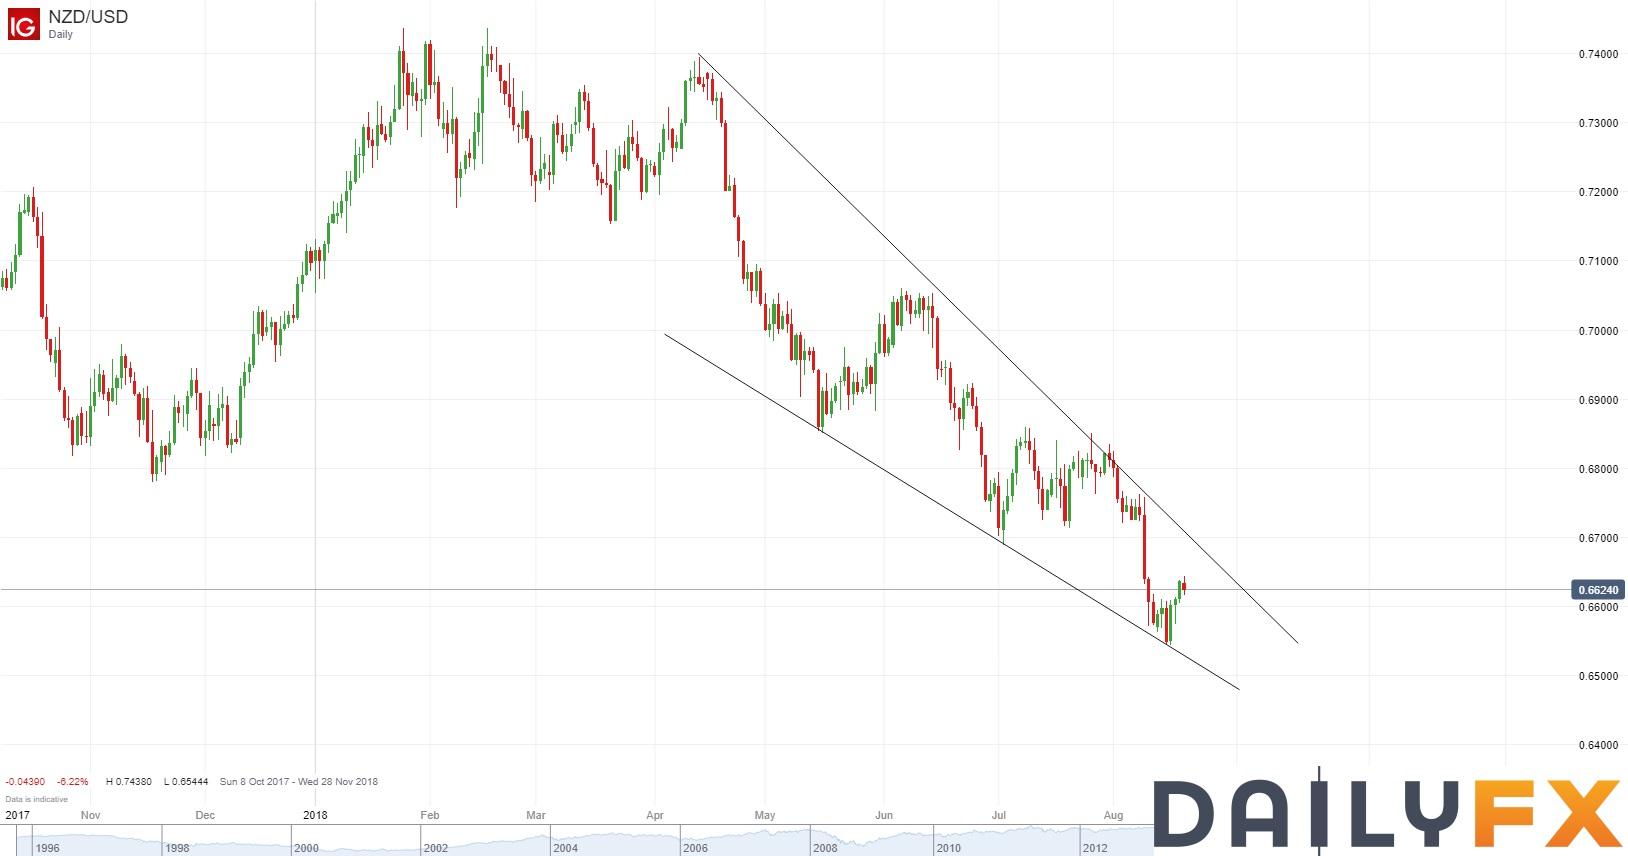 美元回落修正,本周关注欧元区PMI及全球央行会议